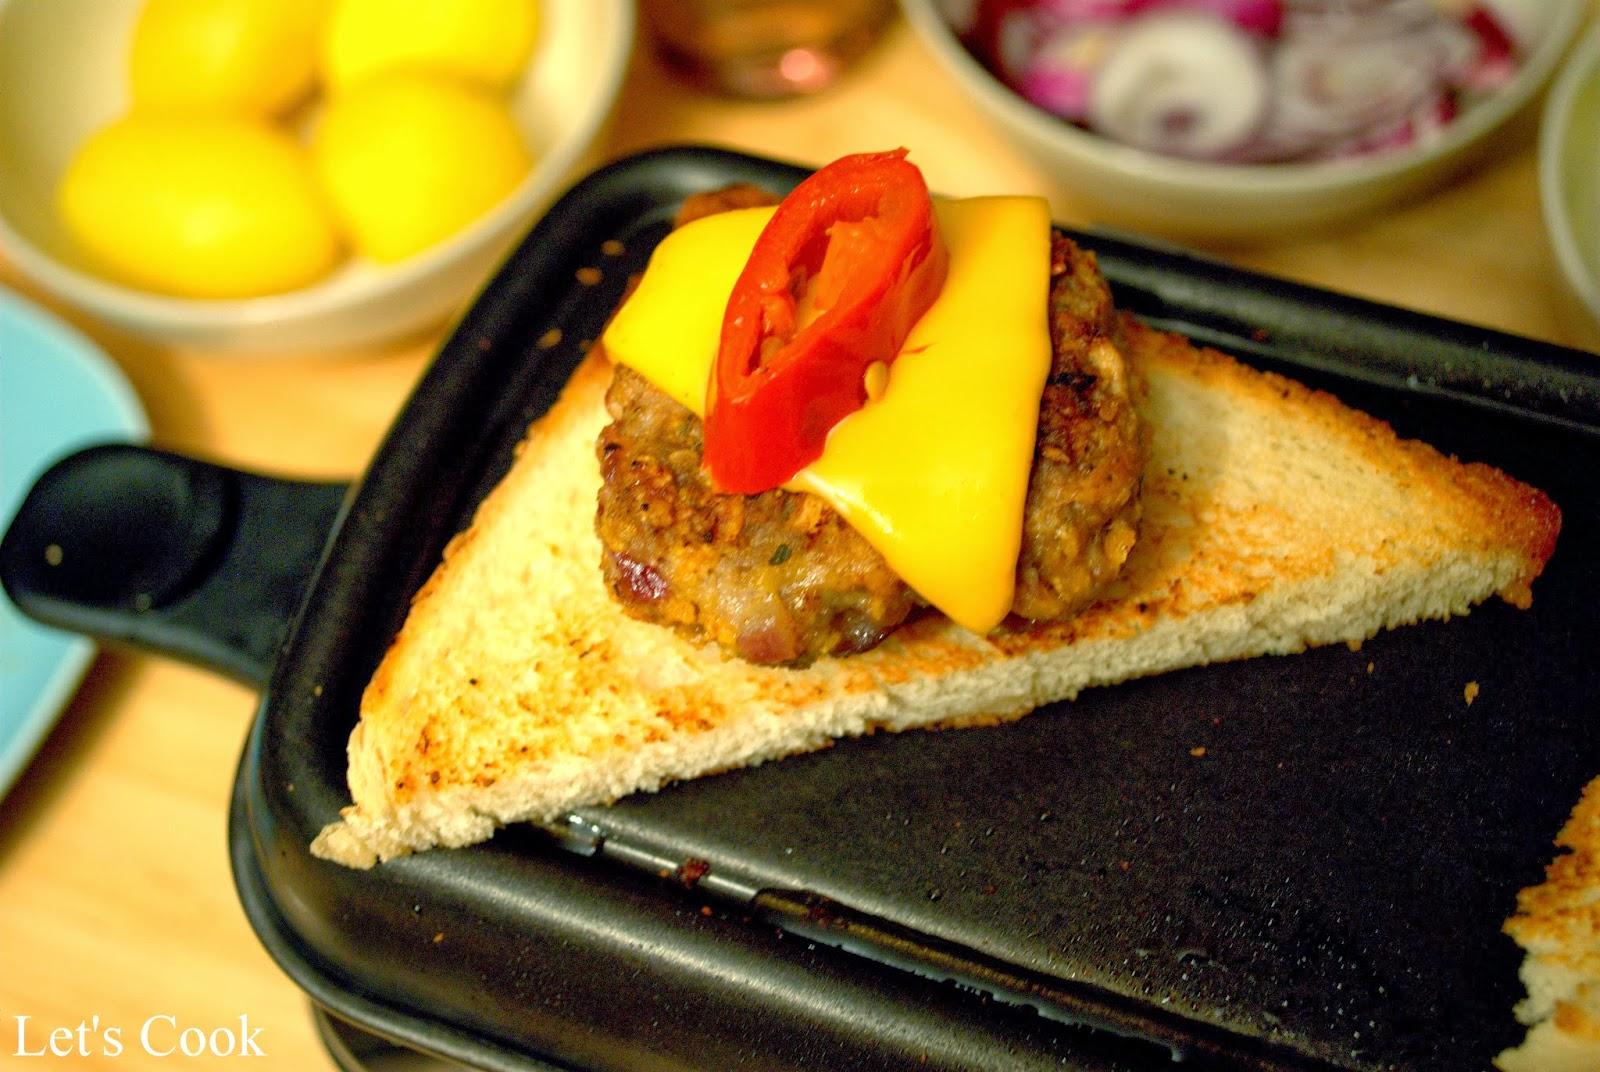 raclette rezepte burger gesundes essen und rezepte foto blog. Black Bedroom Furniture Sets. Home Design Ideas